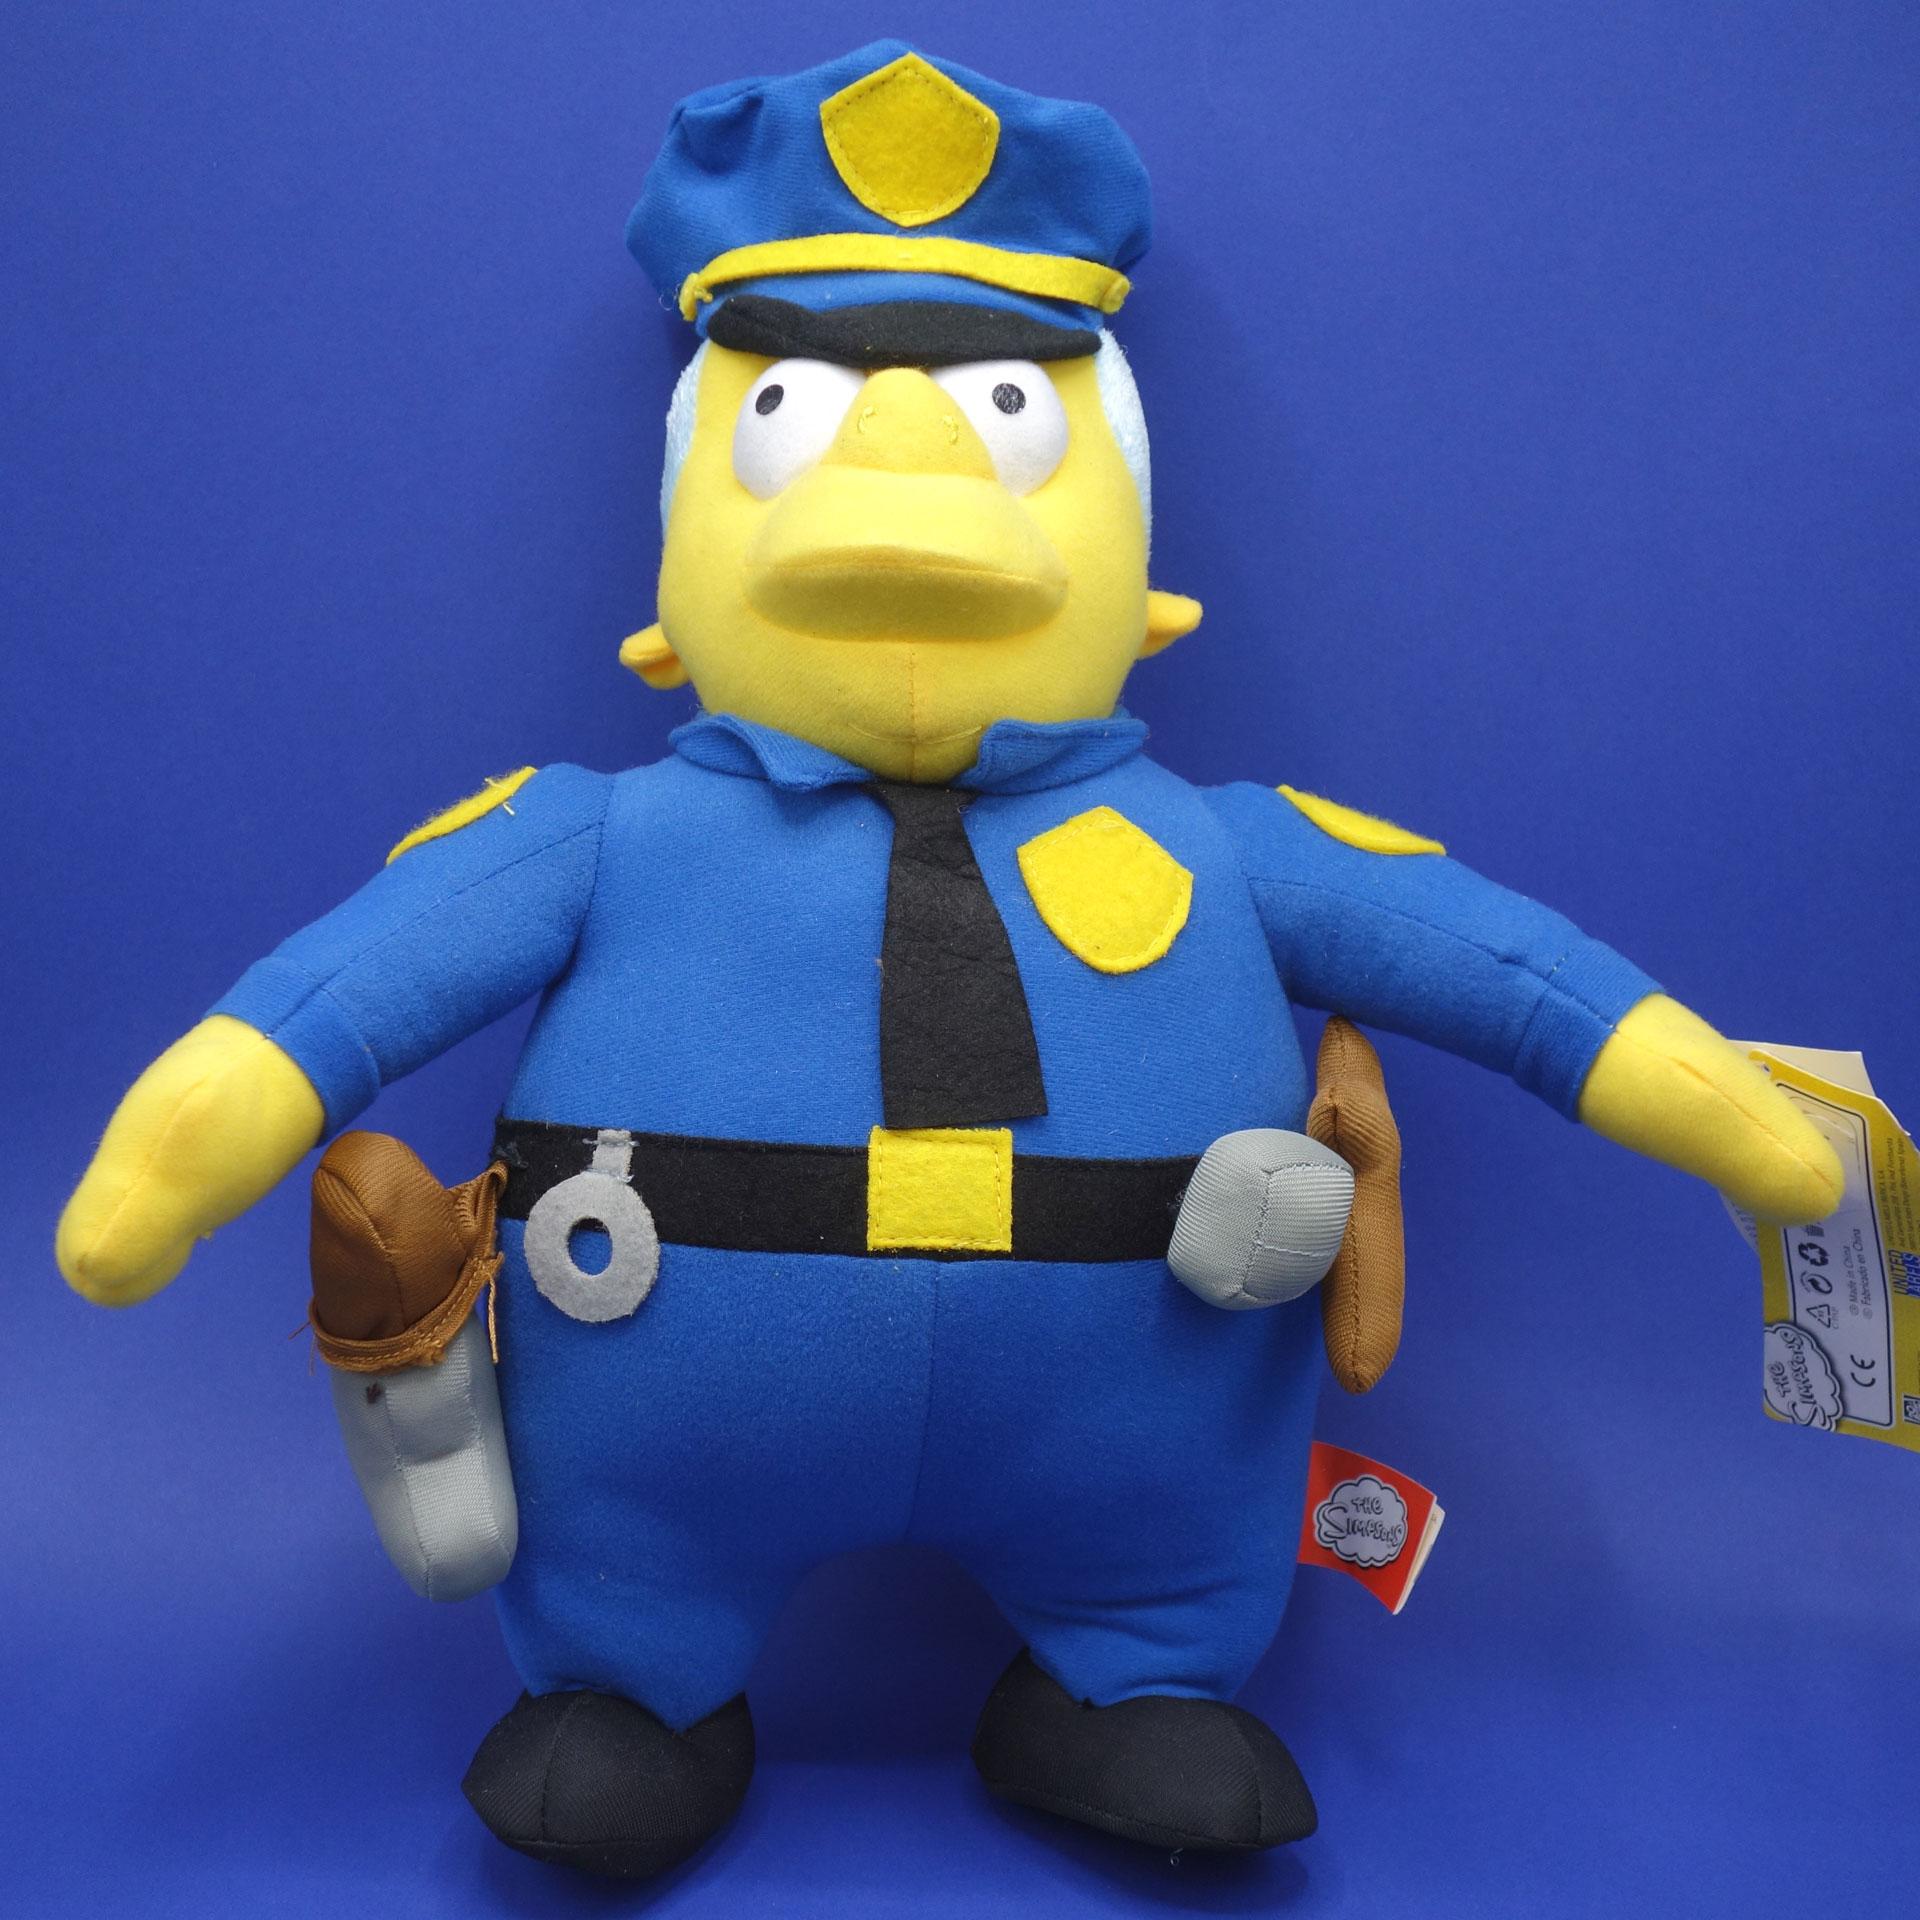 Chief Wiggum Plüsch Figur The Simpsons